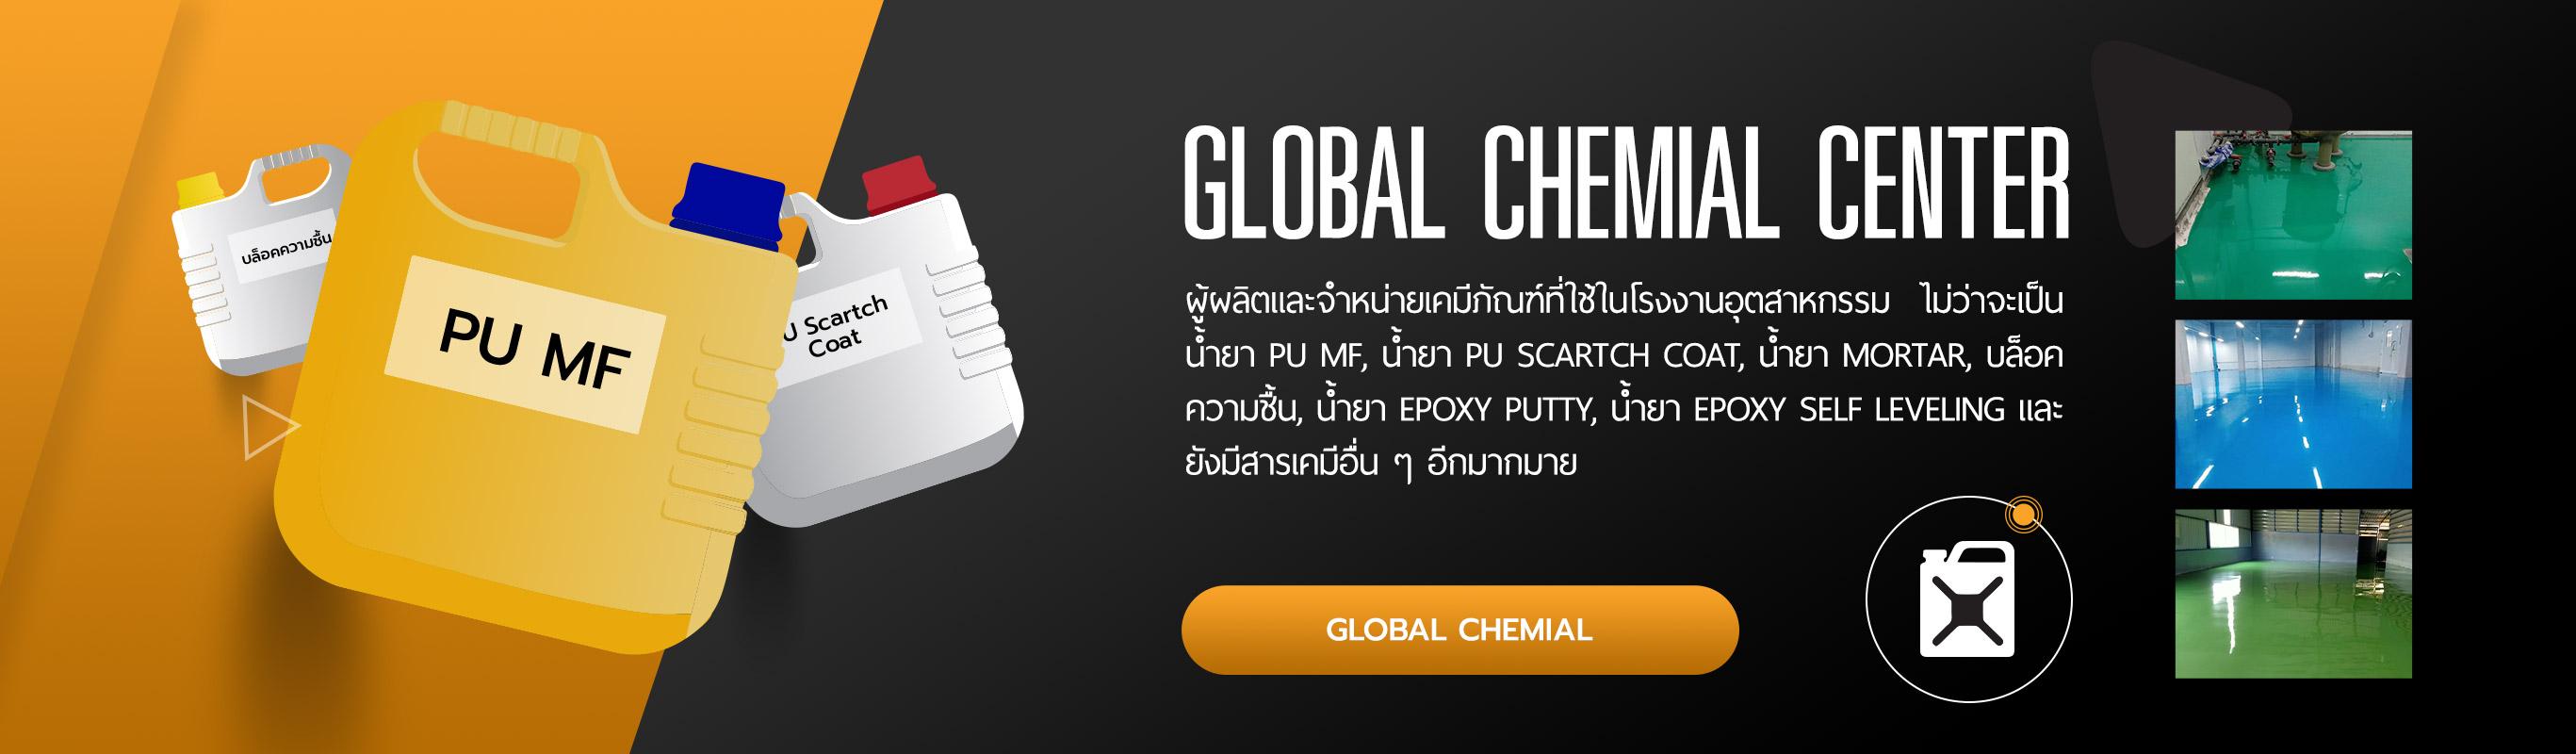 จำหน่ายเคมีภัณฑ์